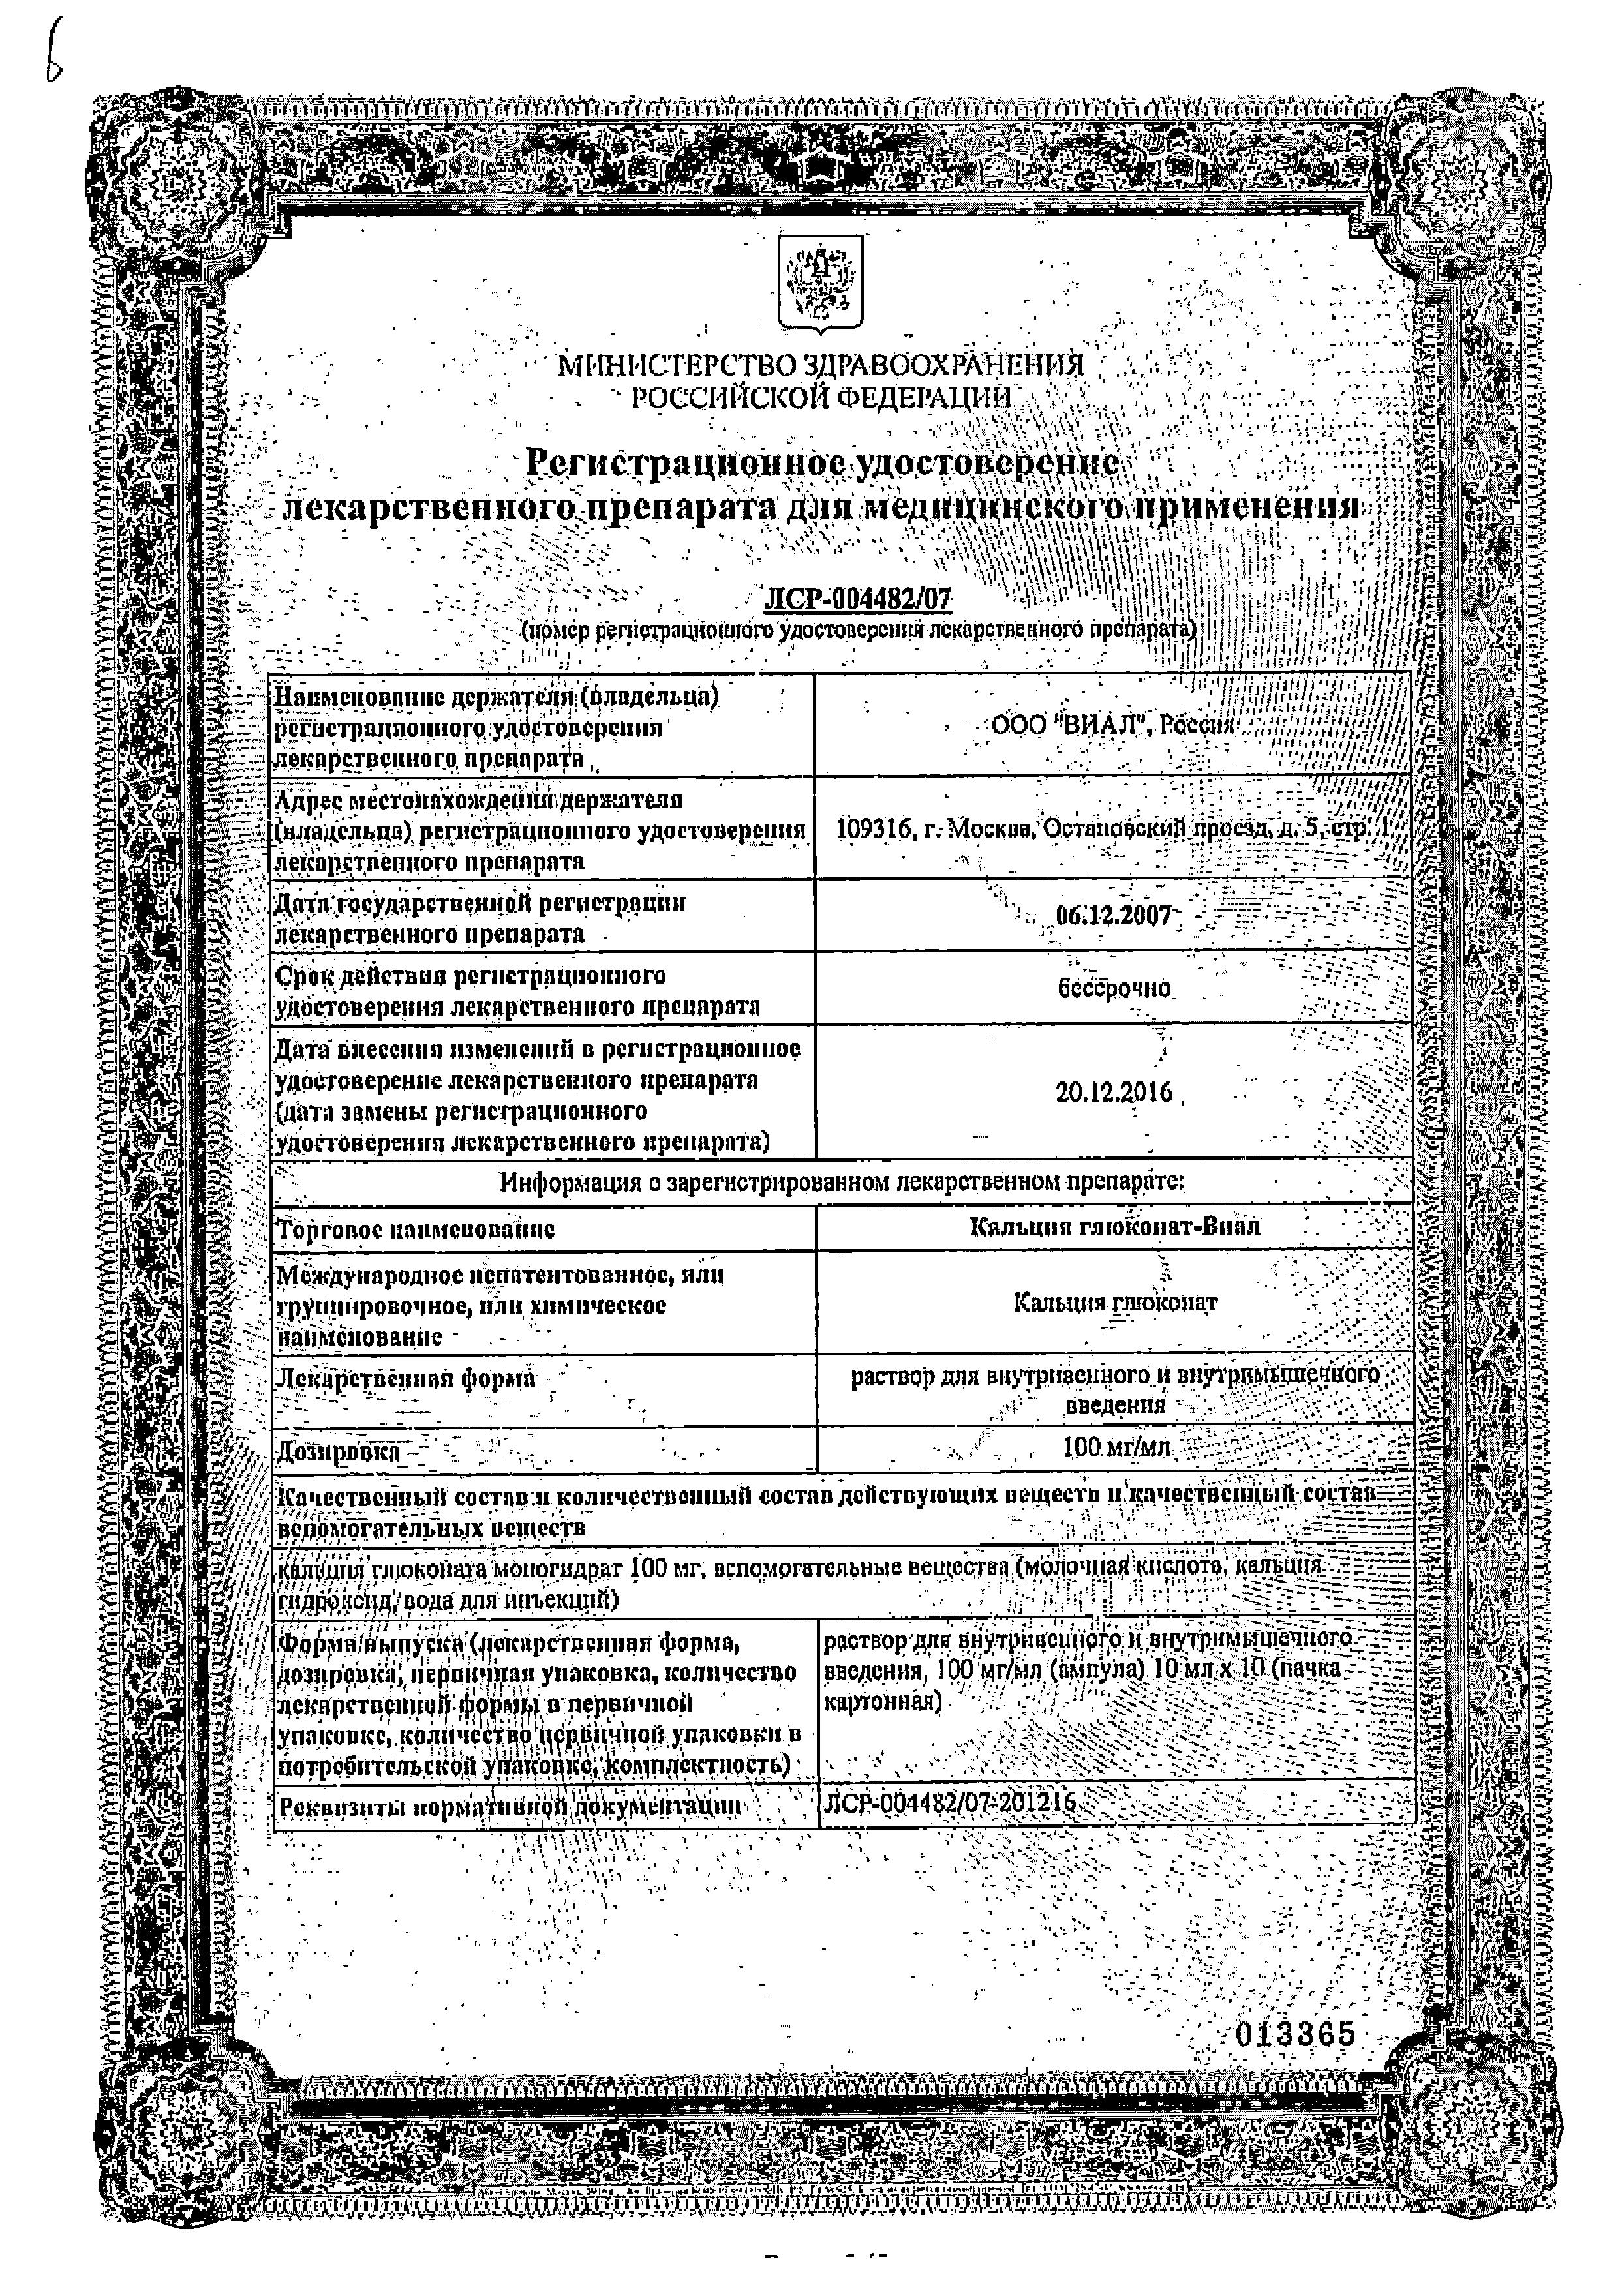 Кальция глюконат-Виал сертификат